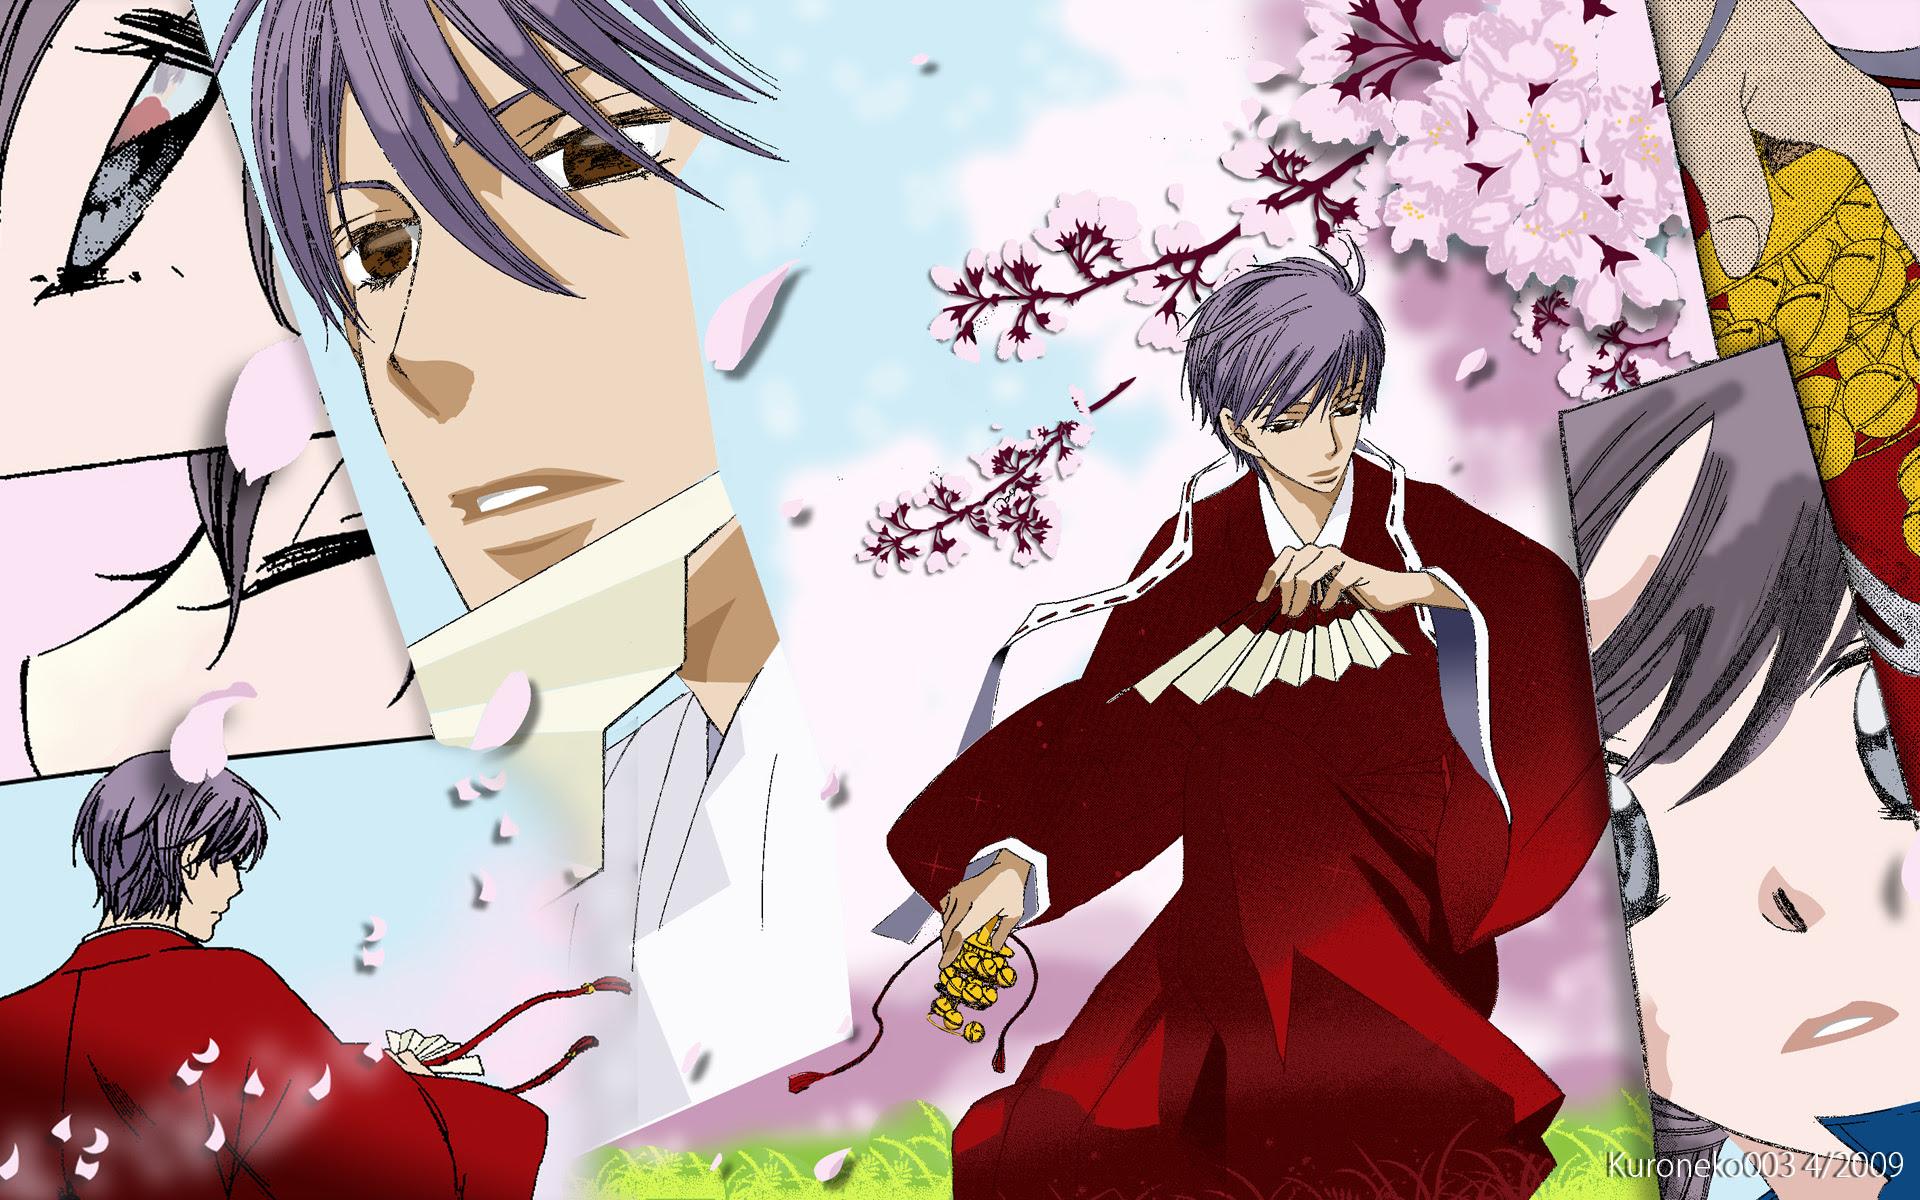 Arakure Wild Ones Wallpaper Done The Crimson Flower Blog